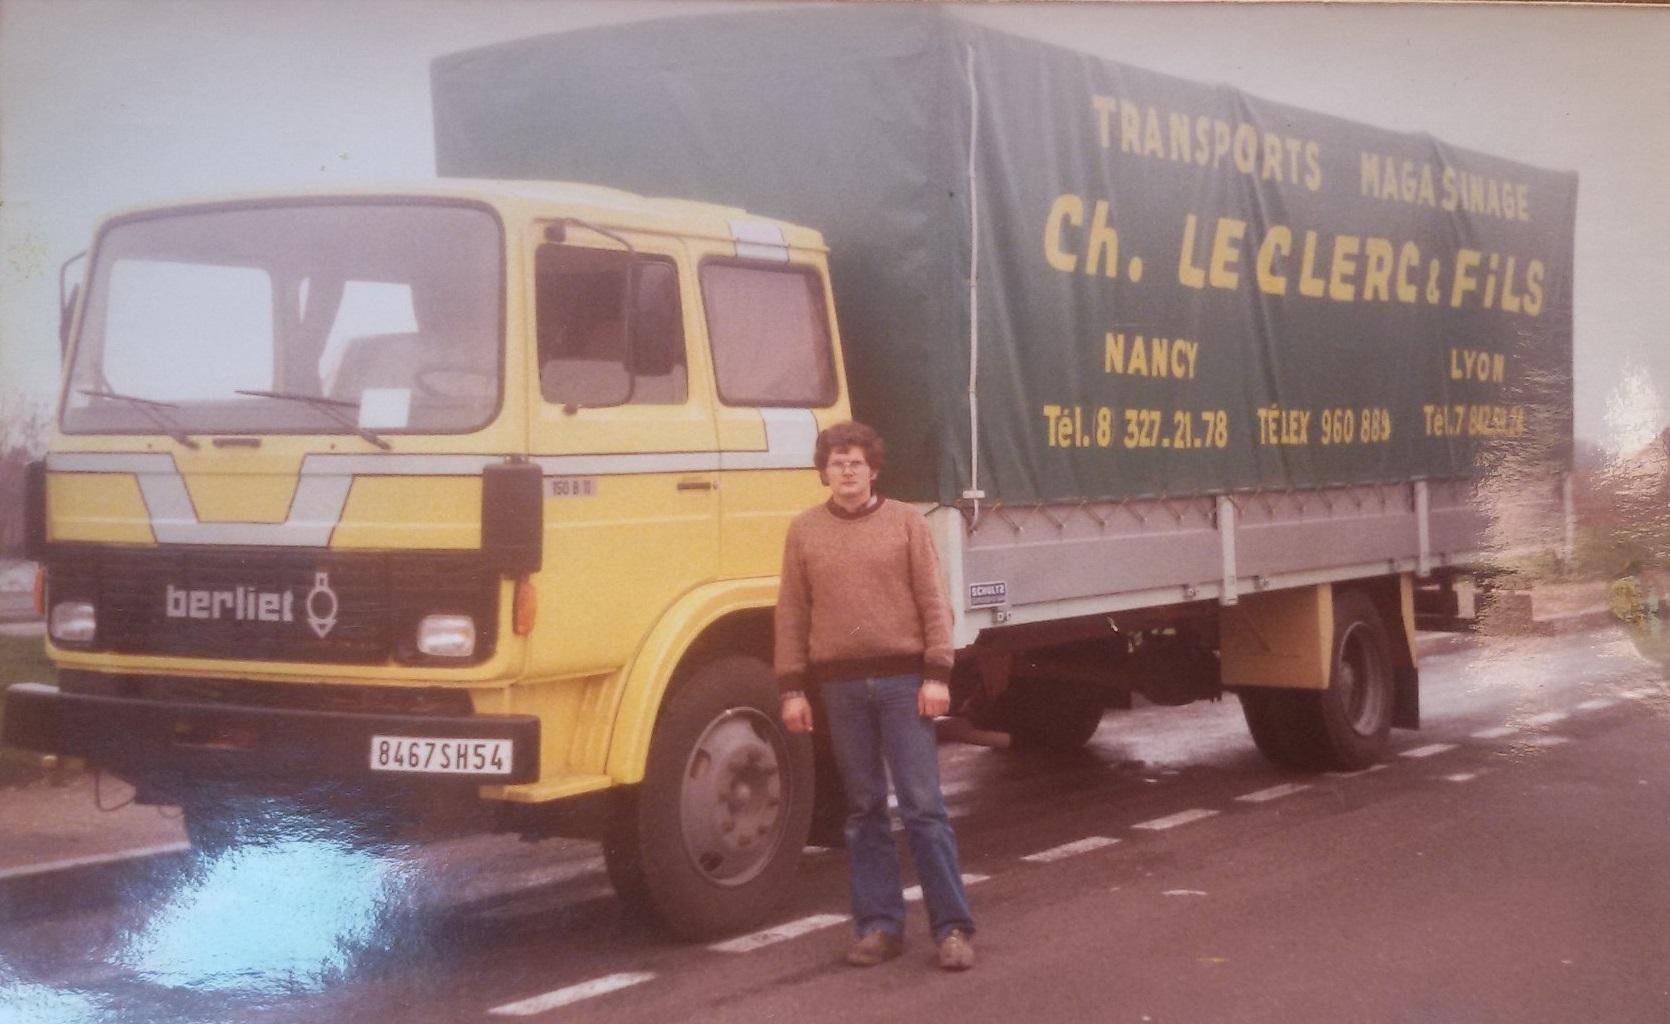 Berliet-Jean-Michel-Vetier-chauffeur